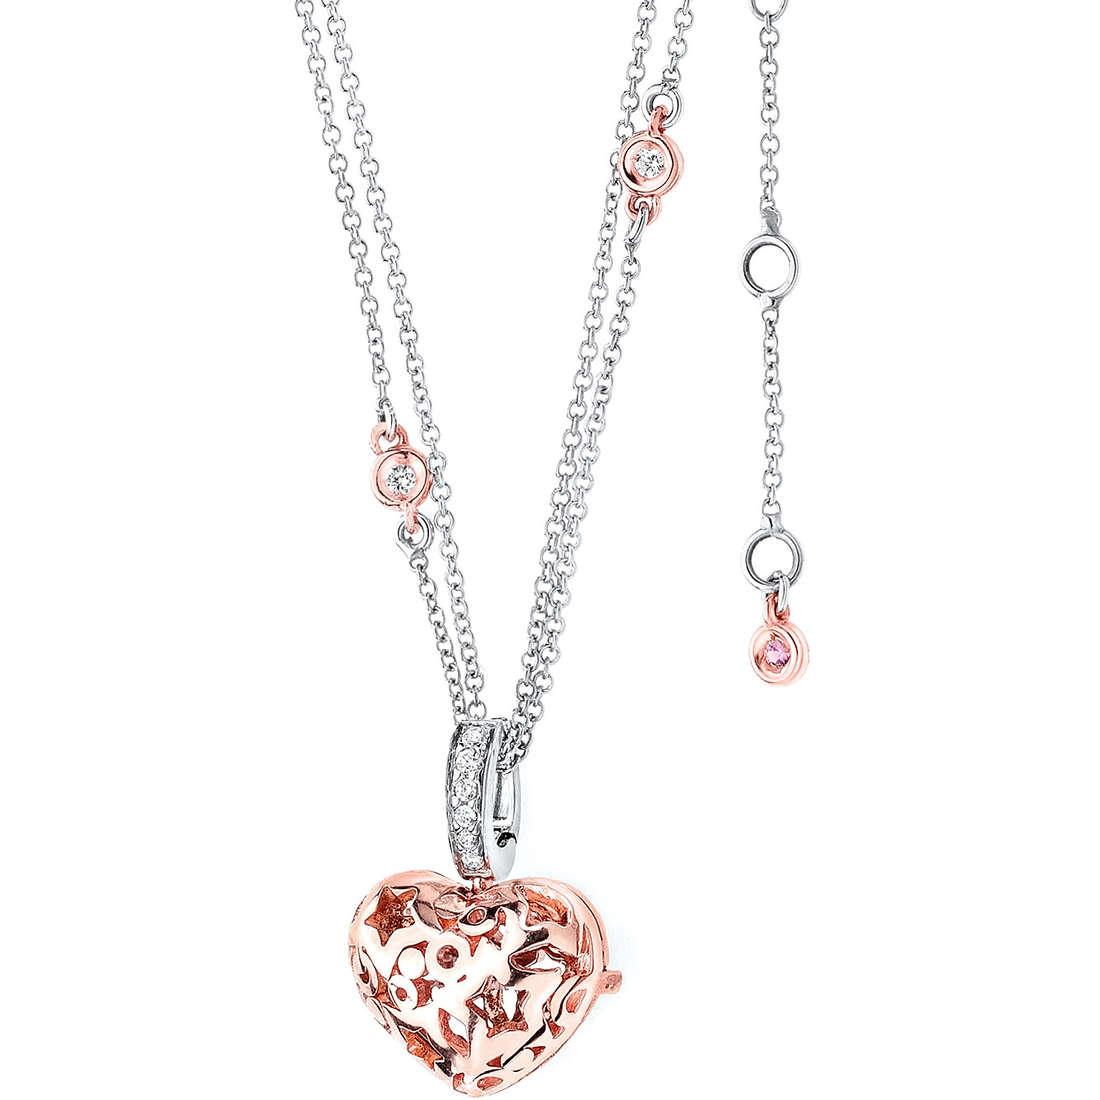 collana donna gioielli Comete Pietre preziose colorate GLB 785